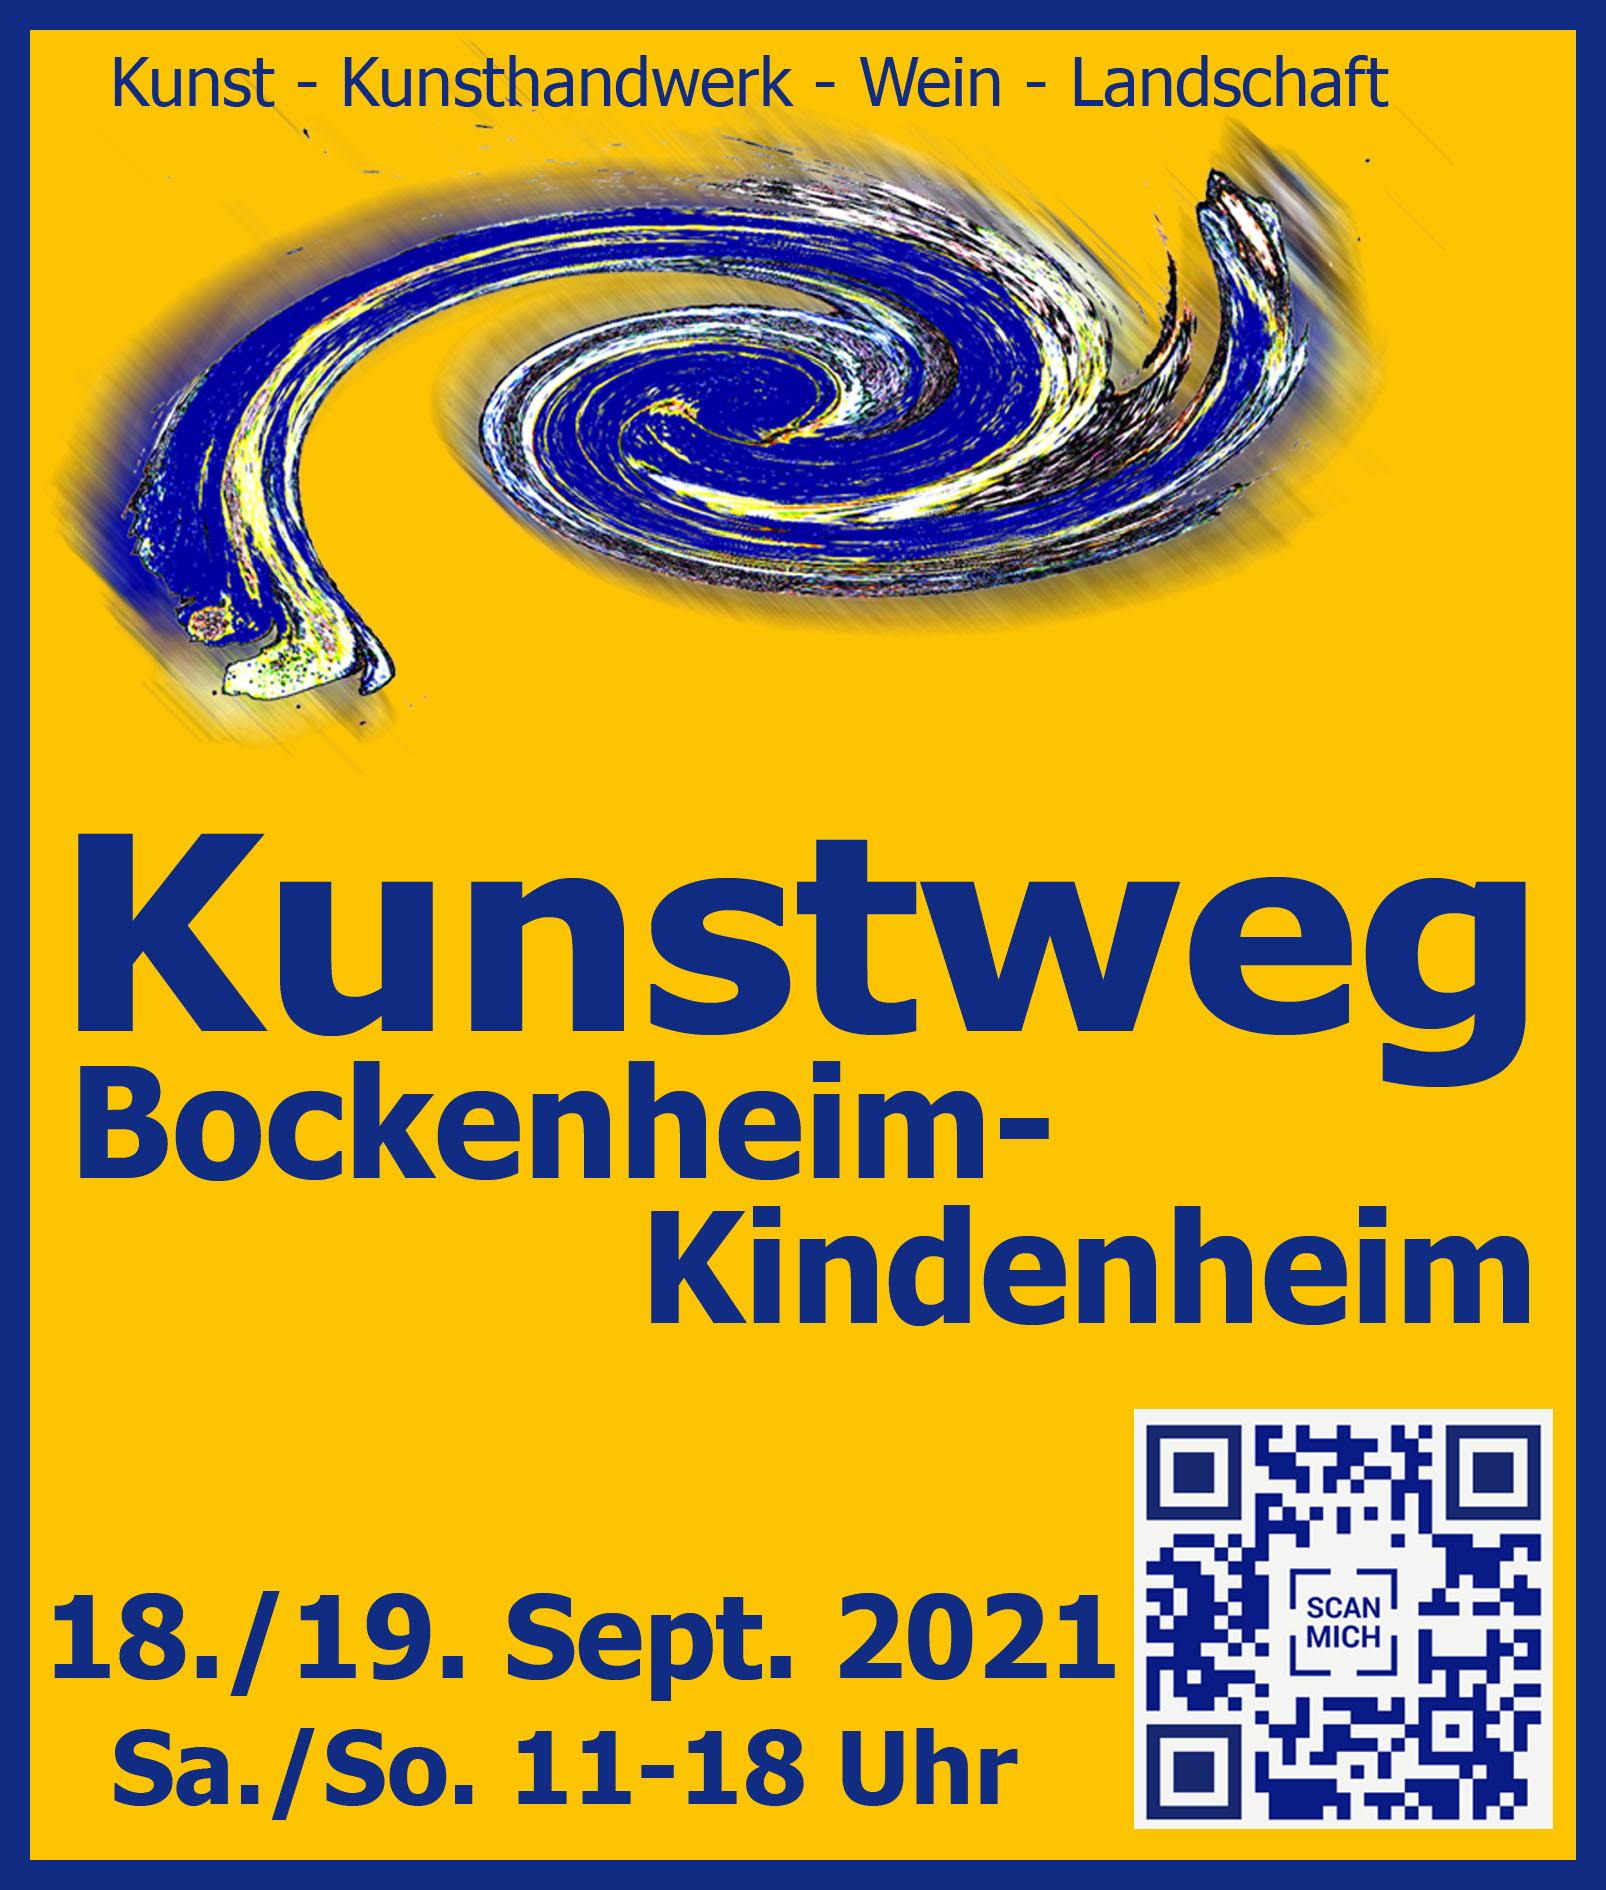 19.Kunstweg Bockenheim - Kindenheim Image